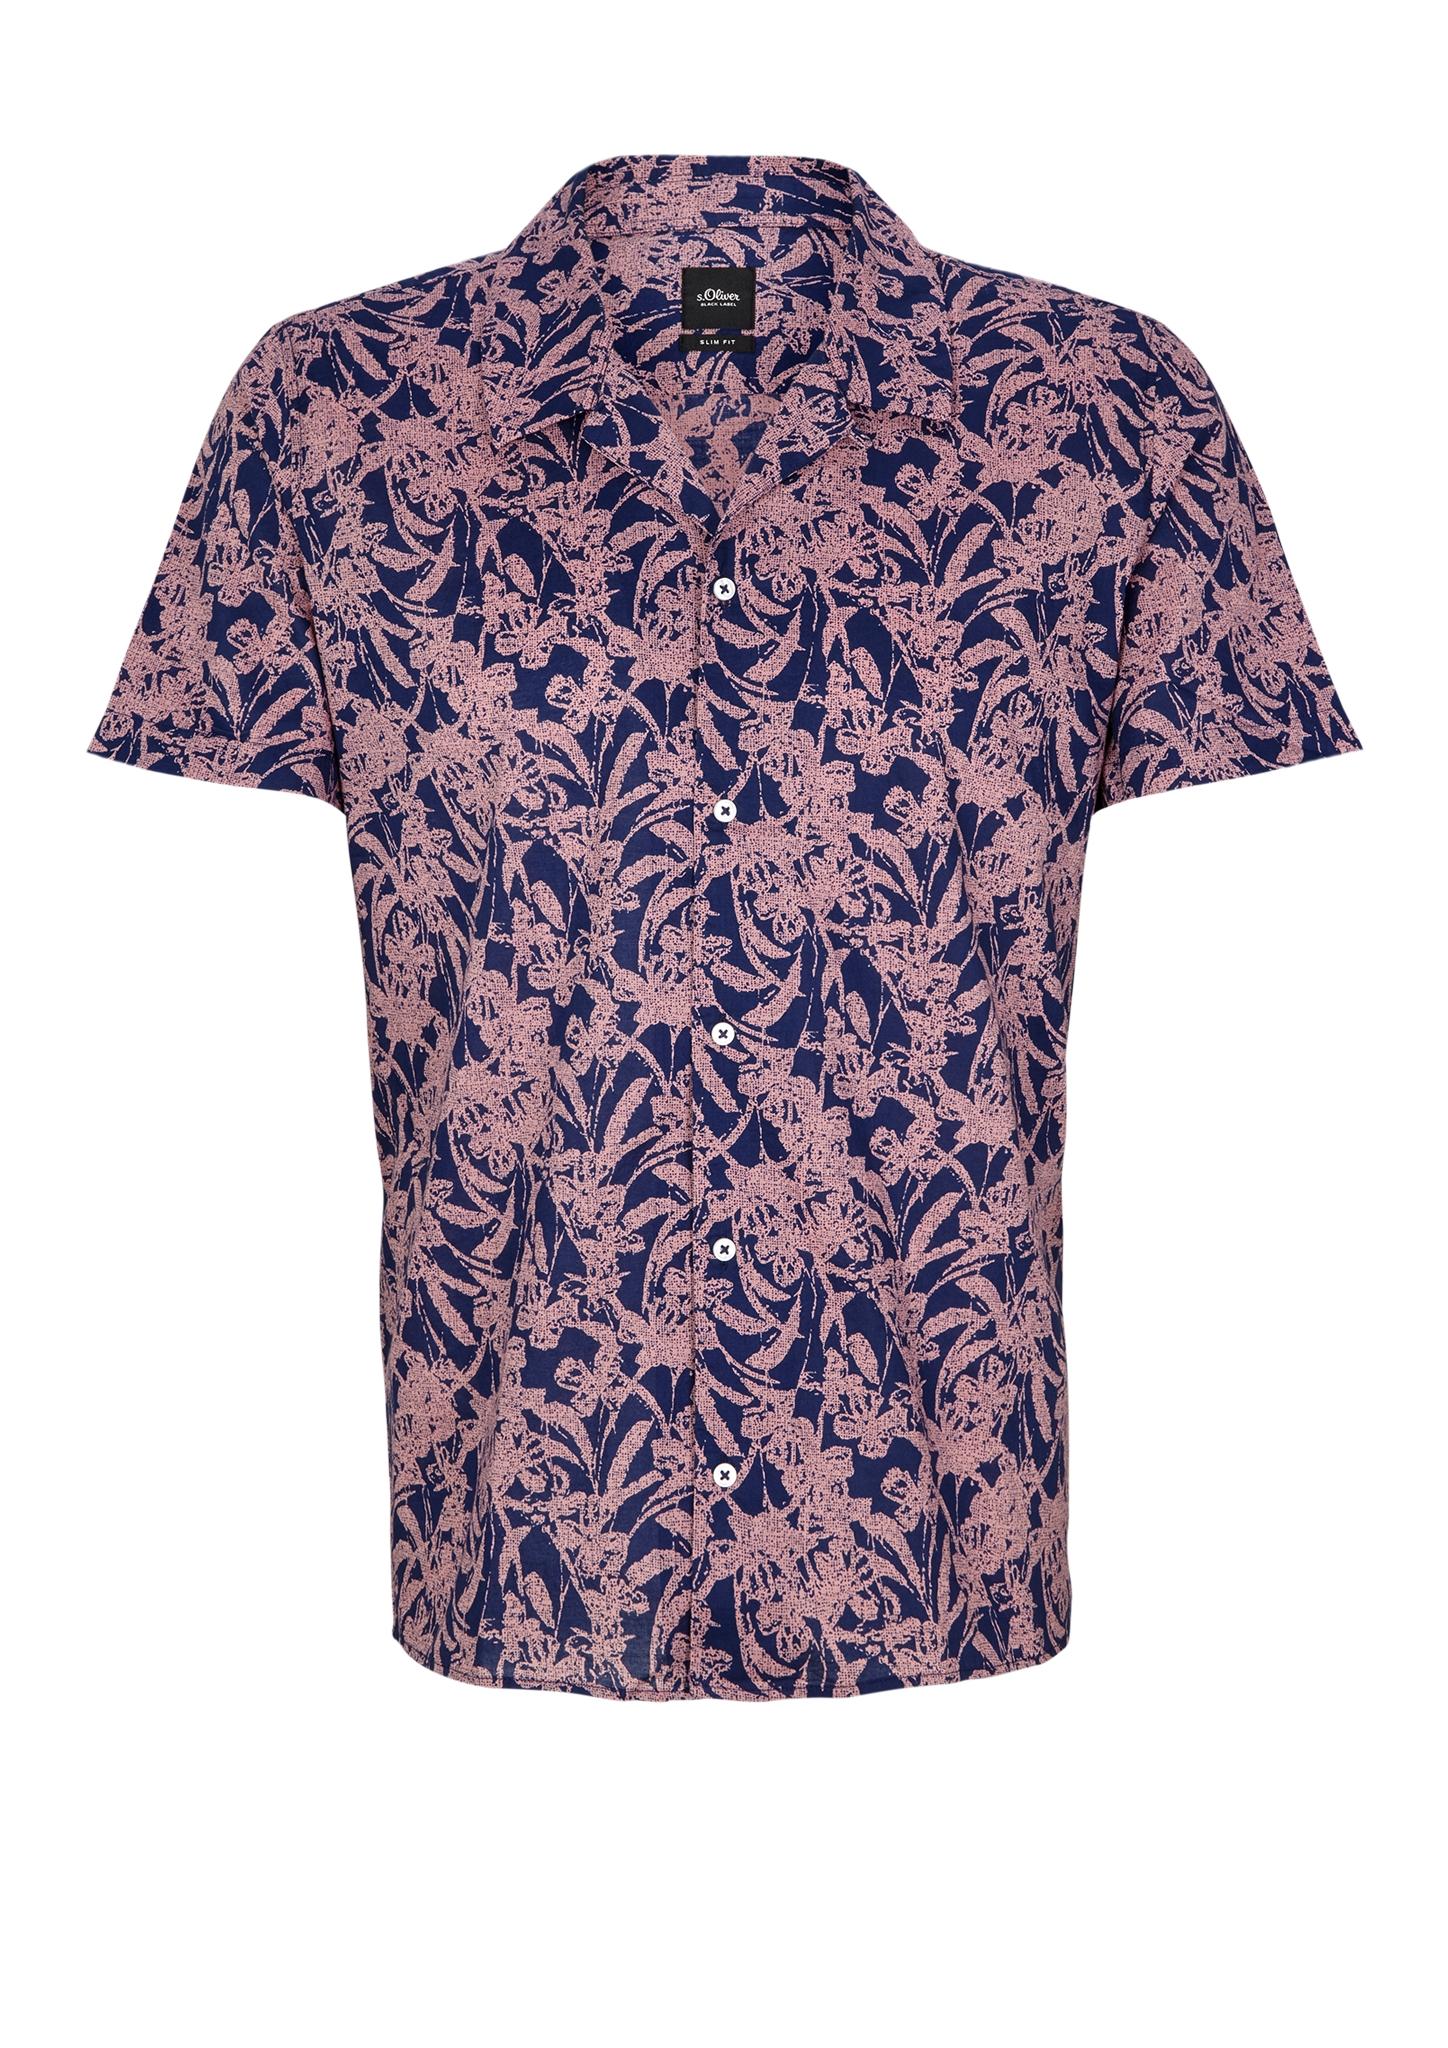 Hawaiihemd | Bekleidung > Hemden > Hawaiihemden | Blau | 100% baumwolle | s.Oliver BLACK LABEL